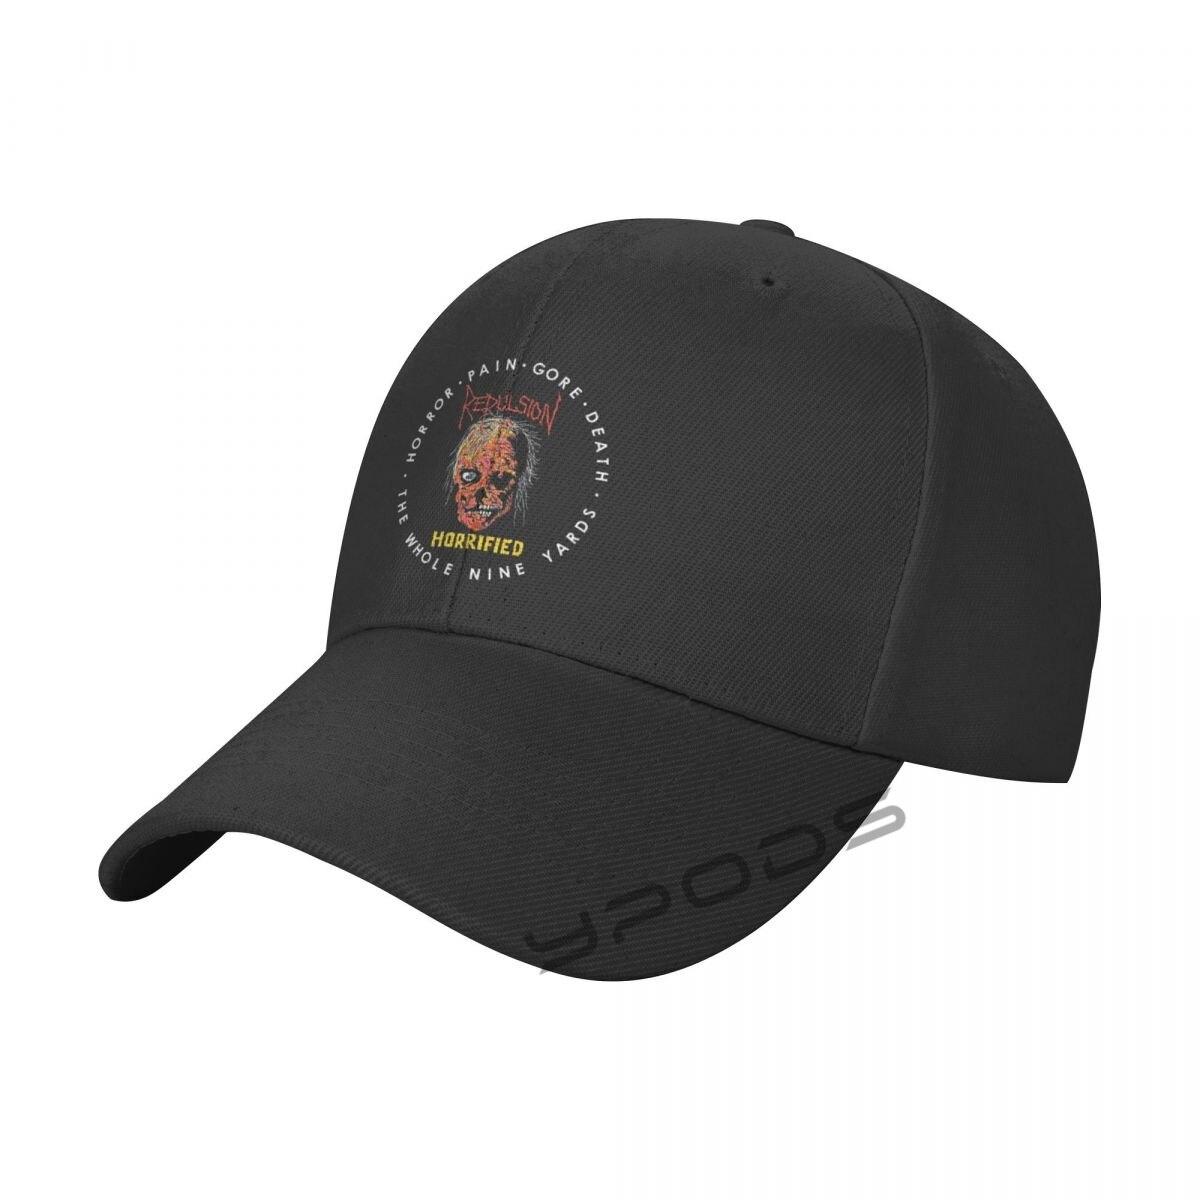 Новинка, бейсболка с отталкиванием для мужчин и женщин, мужская Кепка, Снэпбэк Кепка, повседневная Кепка, кепка, шапки